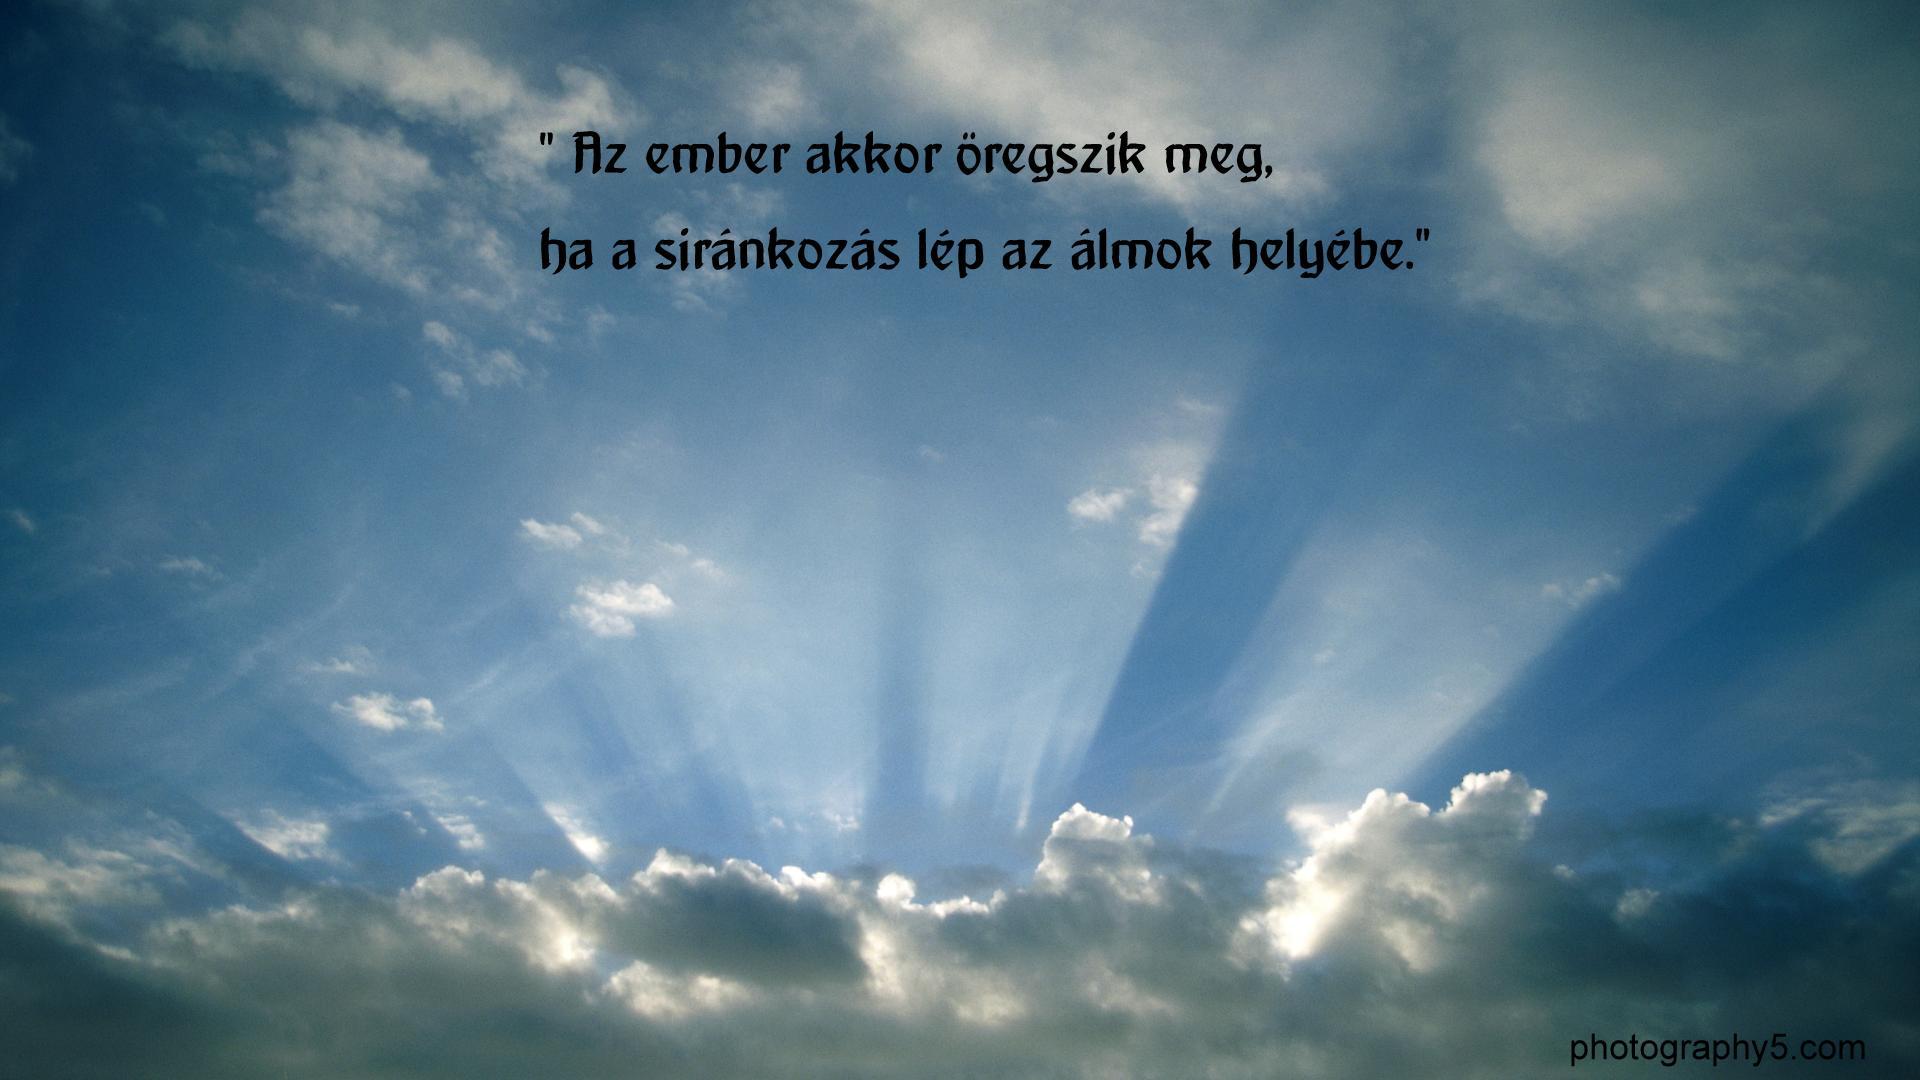 inspiracio_alom_1371836629.jpg_1920x1080